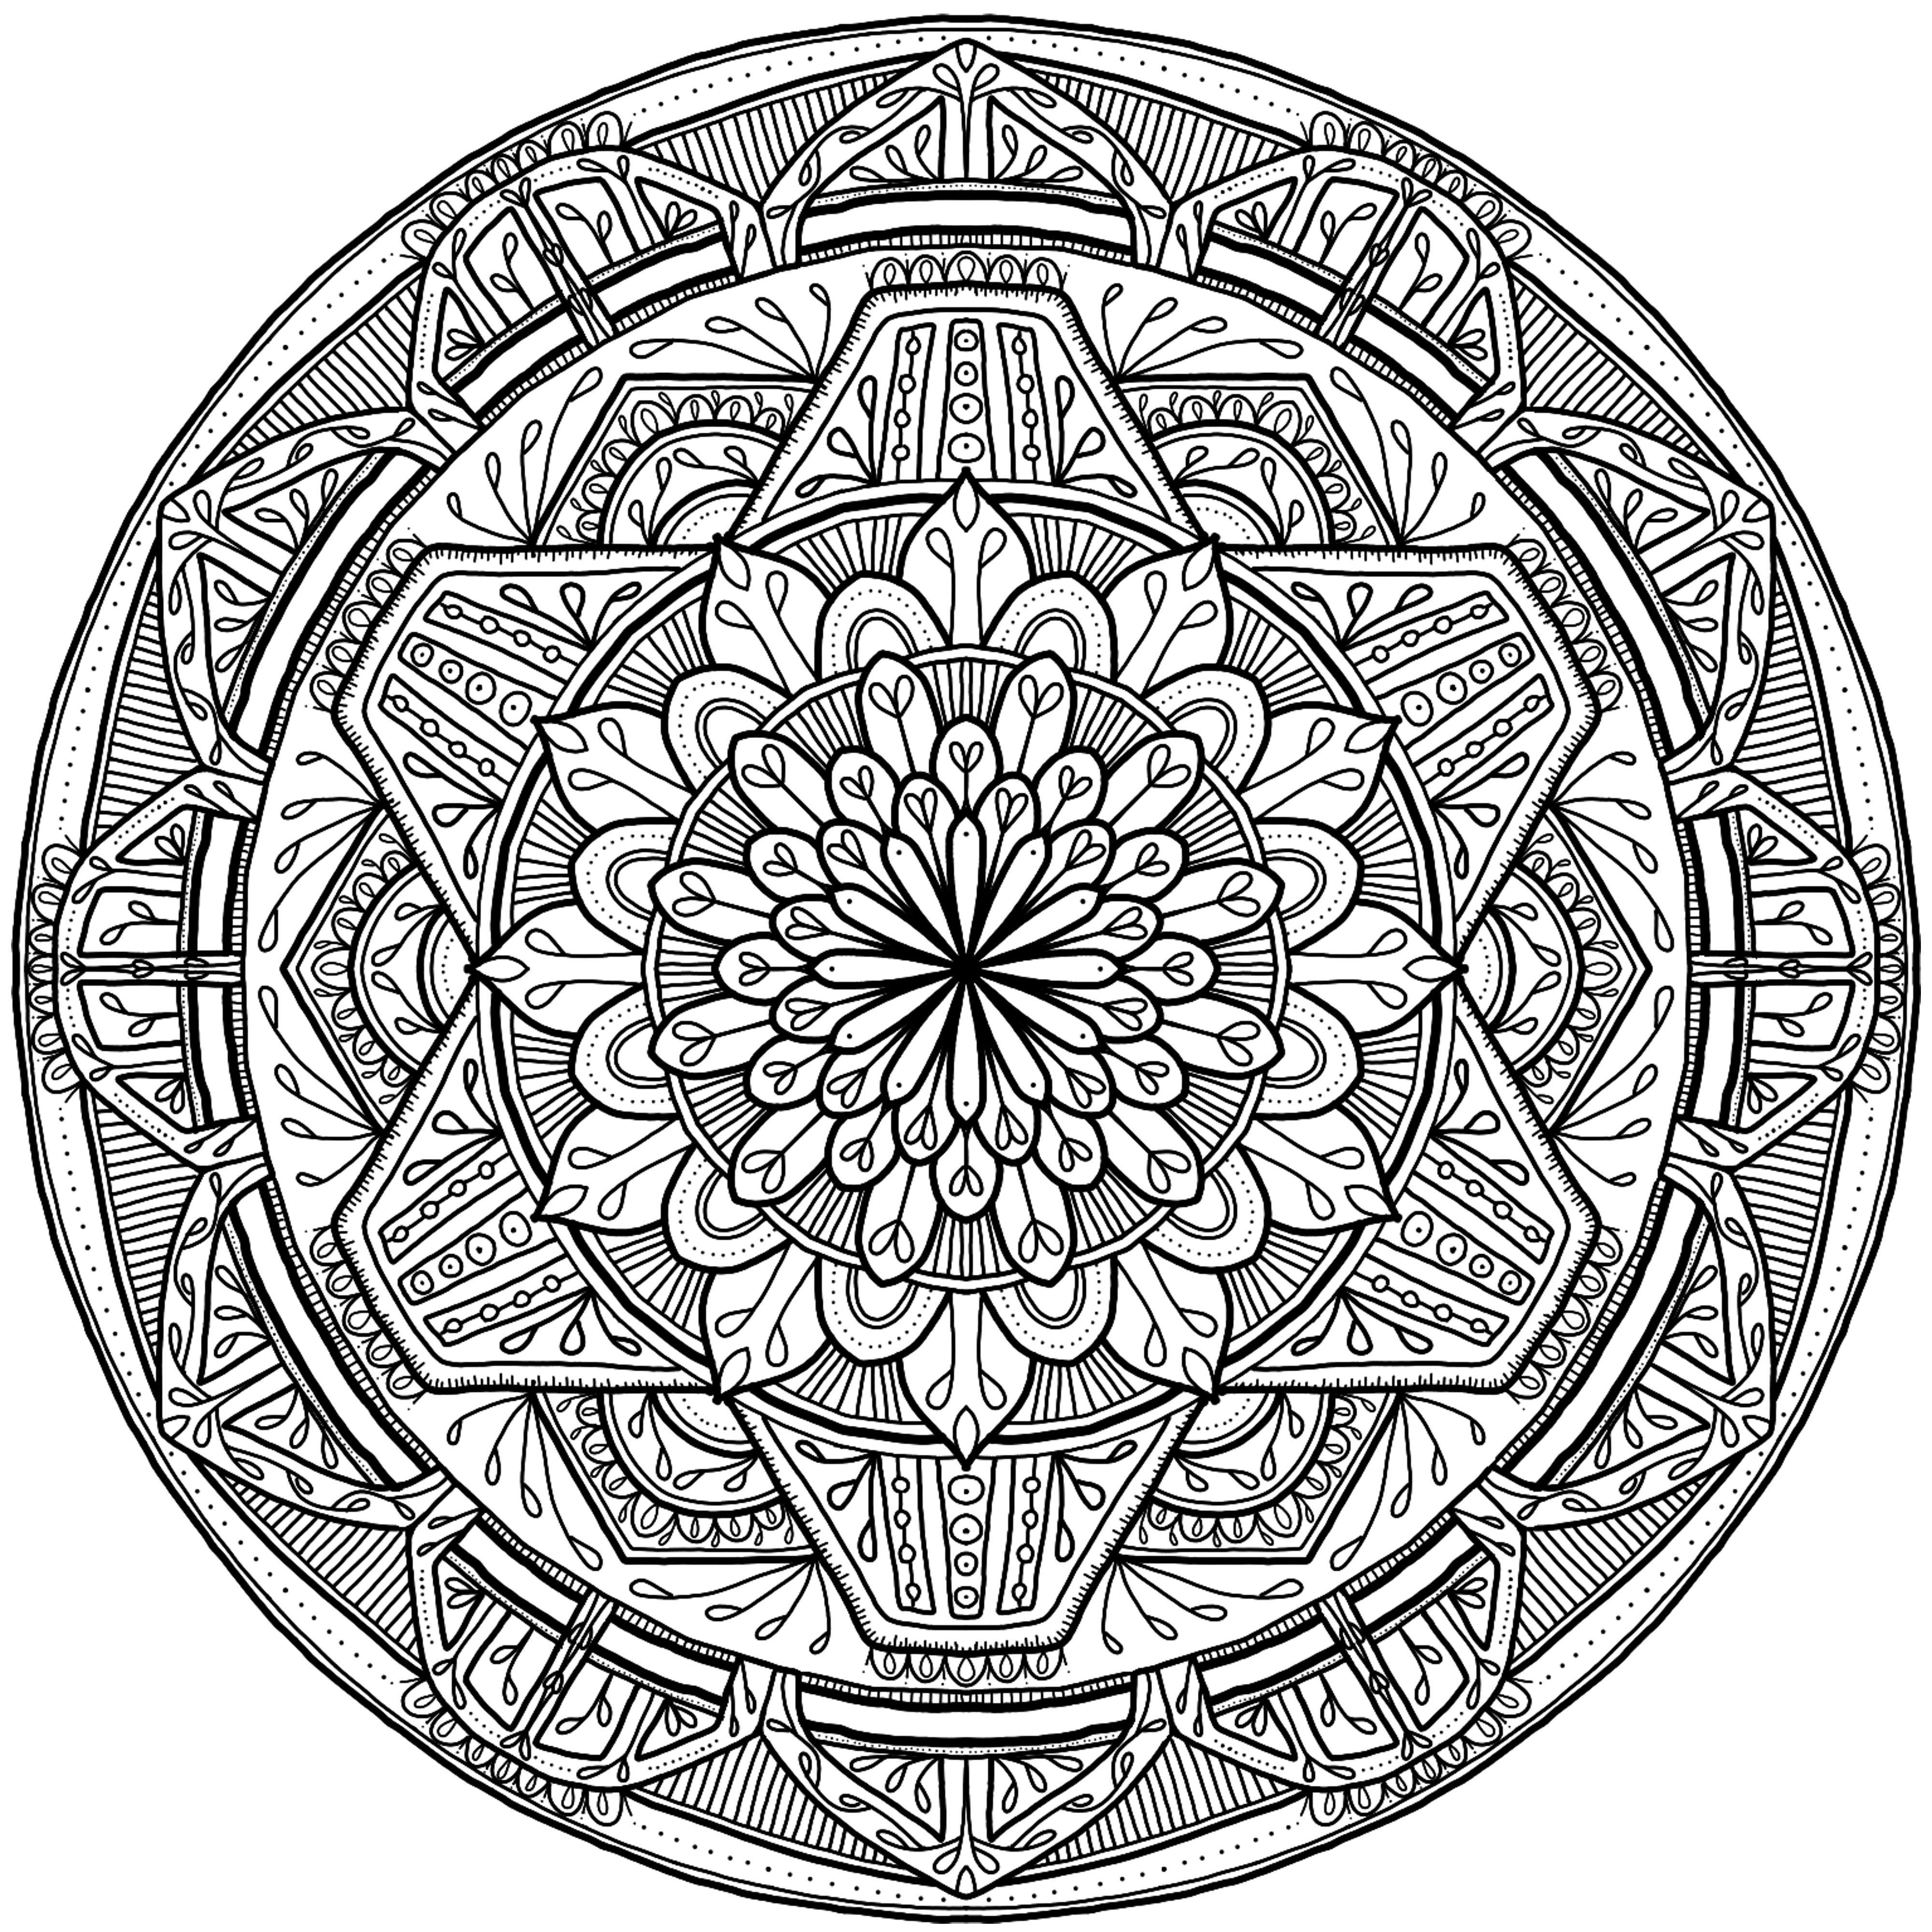 mandala circle coloring pages - photo#27